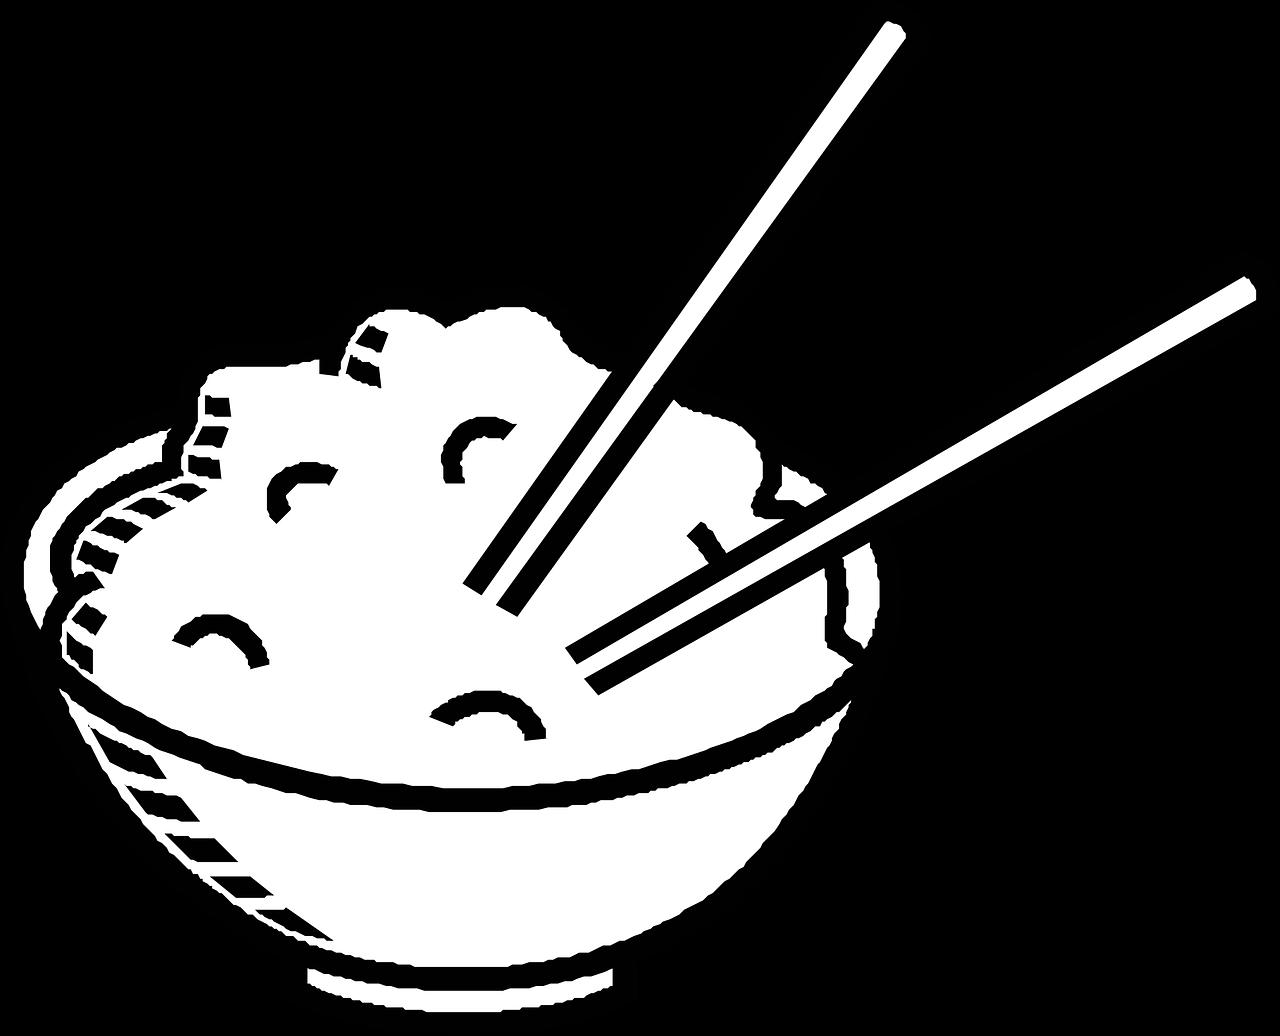 chopsticks-296745_1280.png